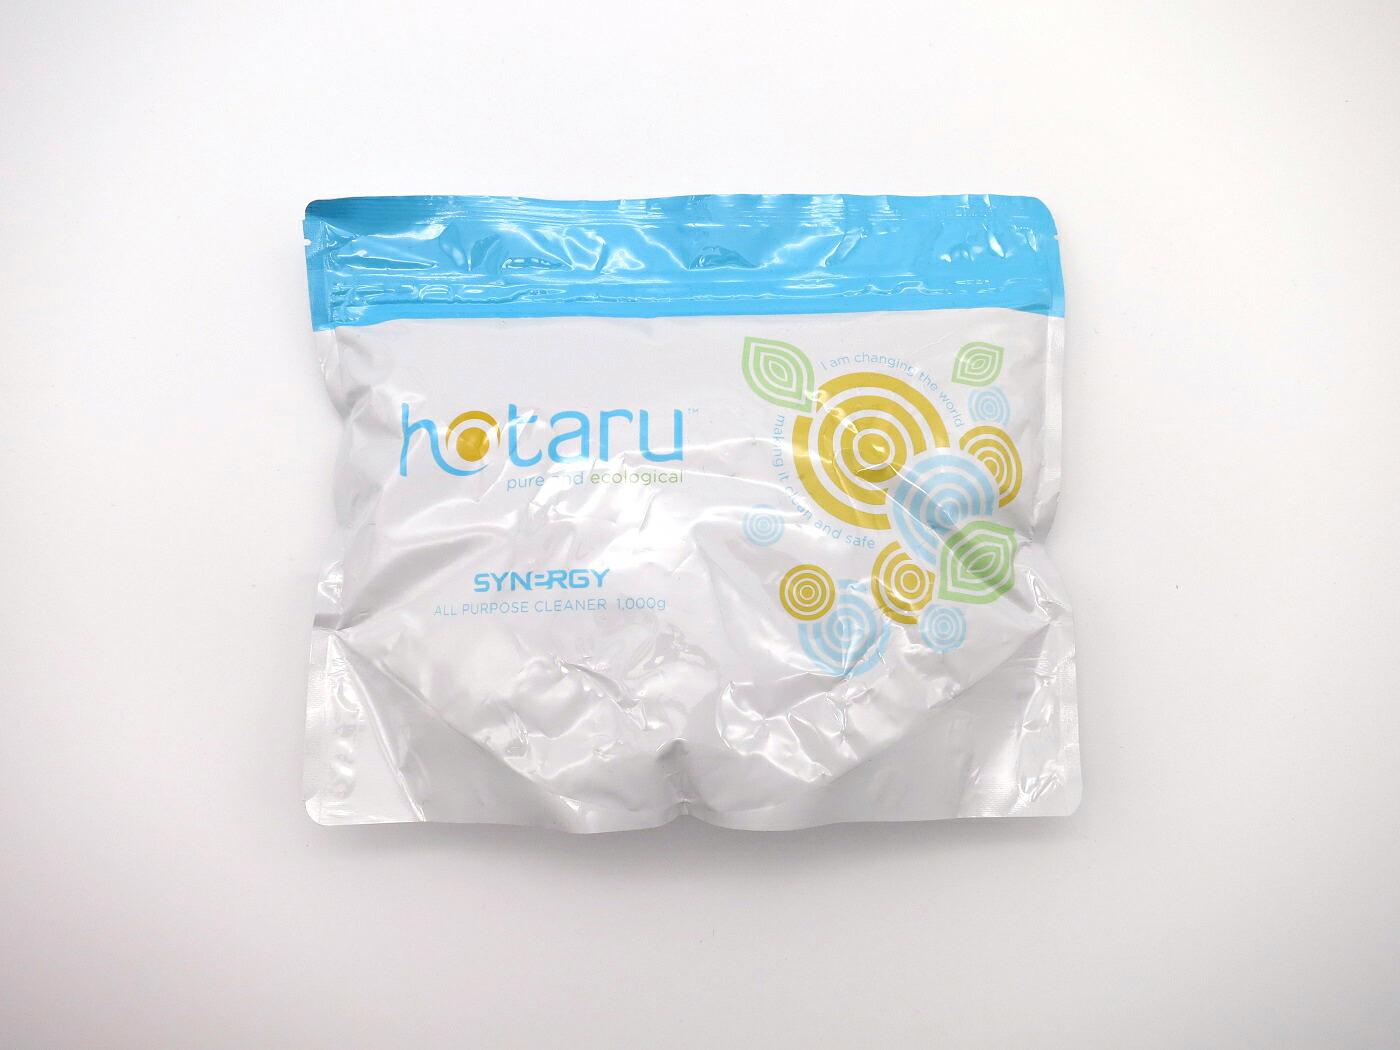 HOTARU(ホタル)  多目的洗剤 1000g シナジー ワールドワイド 【送料サイズA】